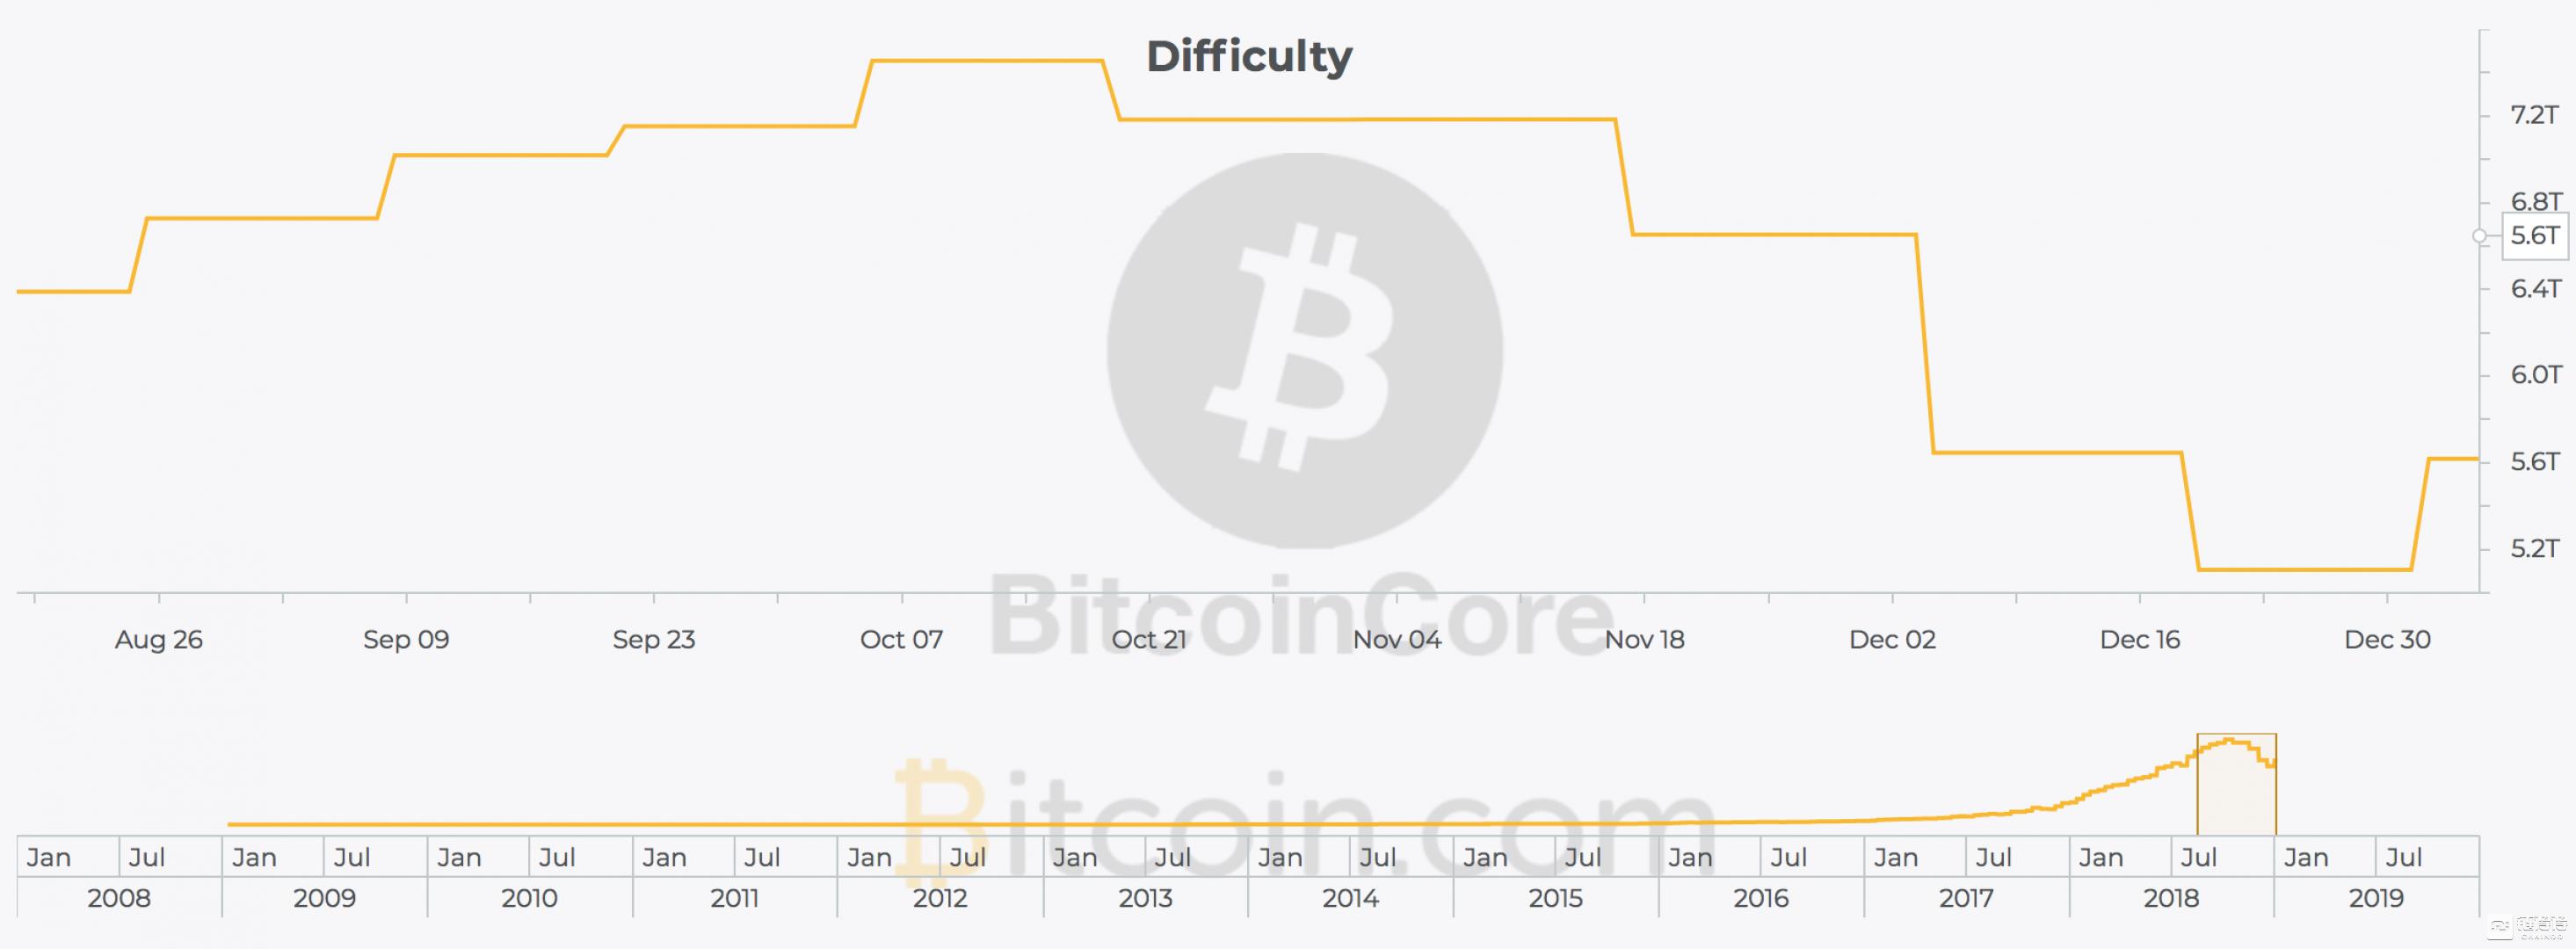 数据来源:Bitcoin.com